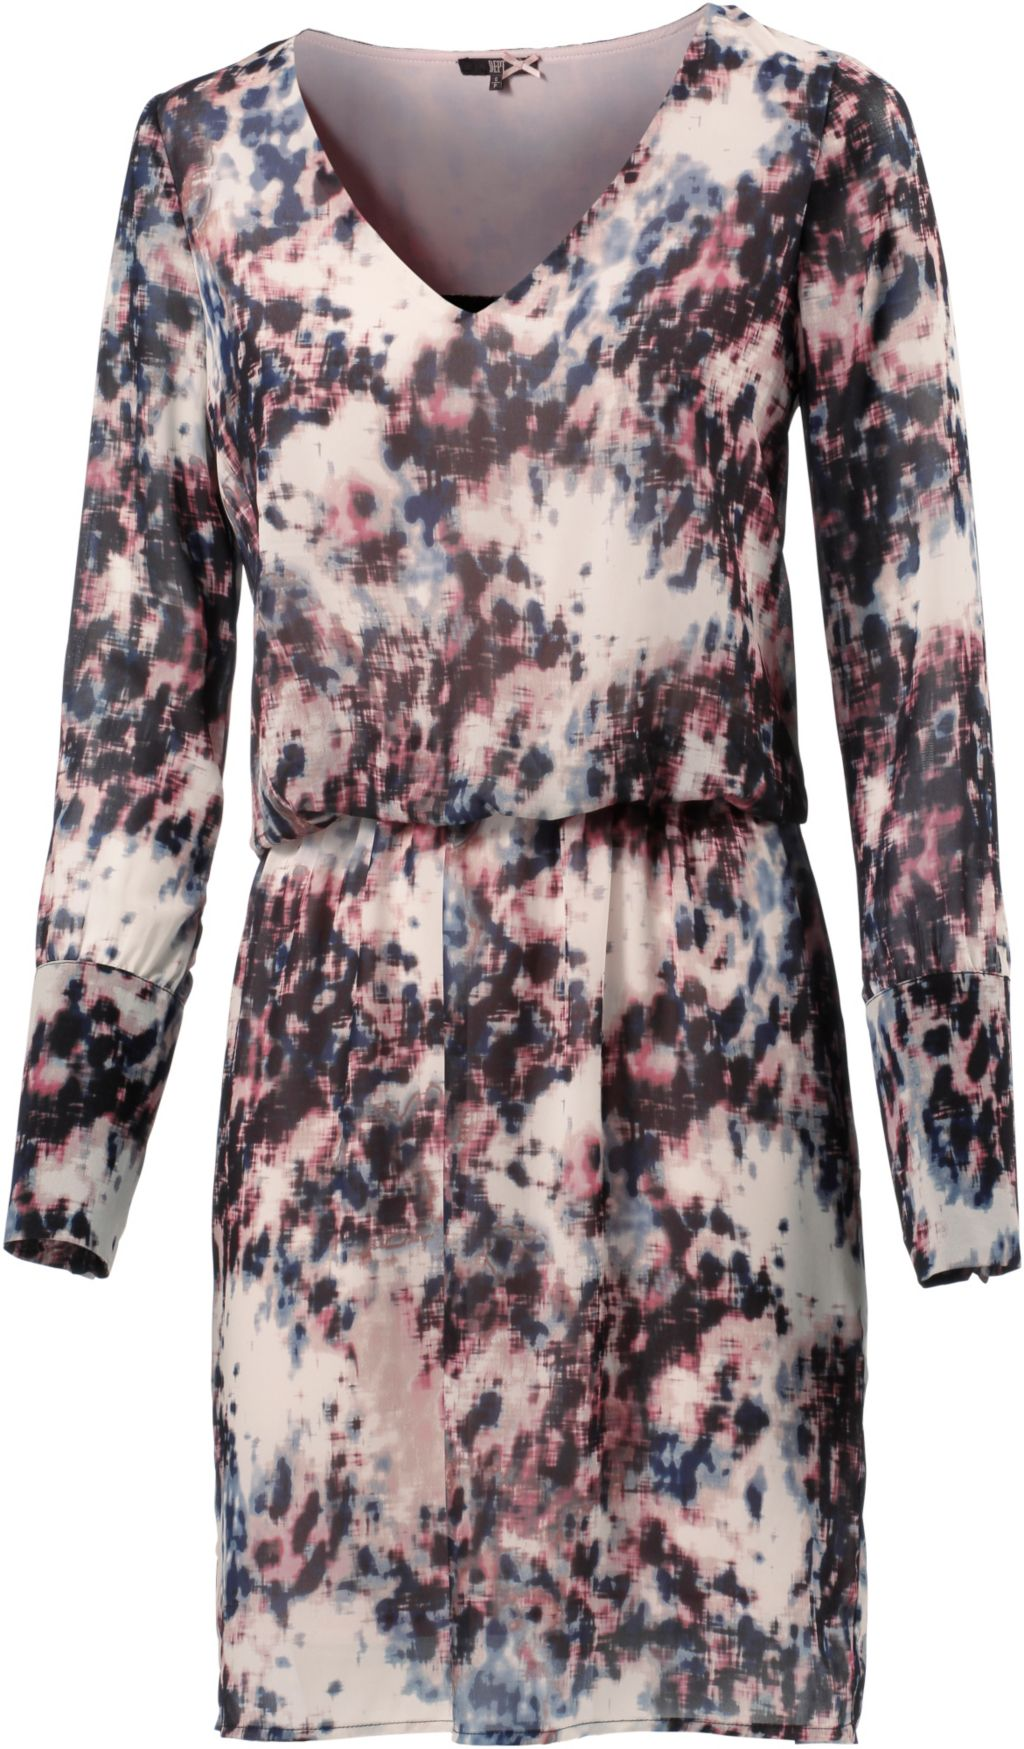 D.E.P.T Kleid Langarmkleid Damen in weiß/blau/rose, Größe L